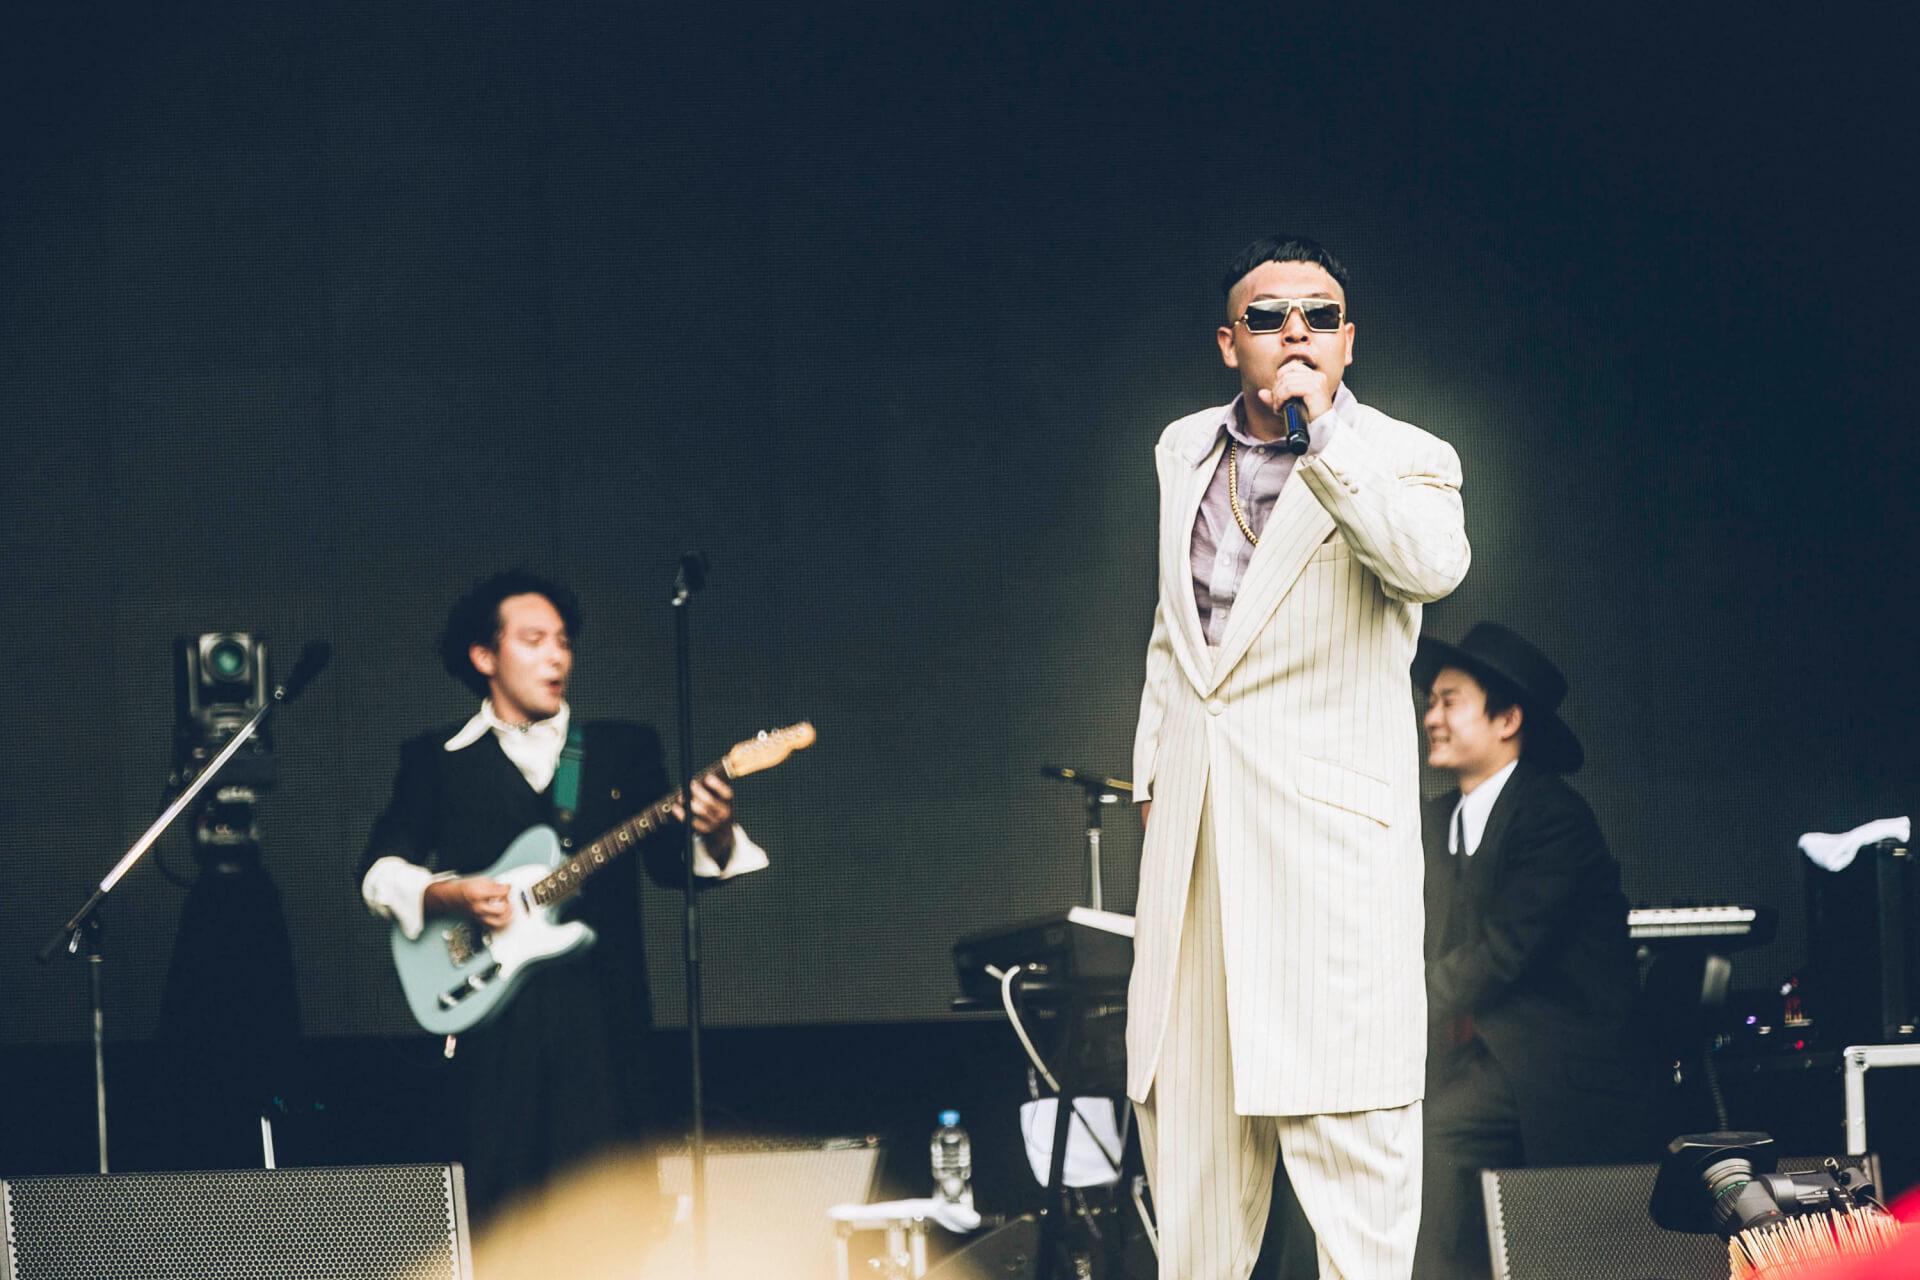 振り返るフジロック2019 SANABAGUN. music190823_fujirock_sanabagun_775.jpg